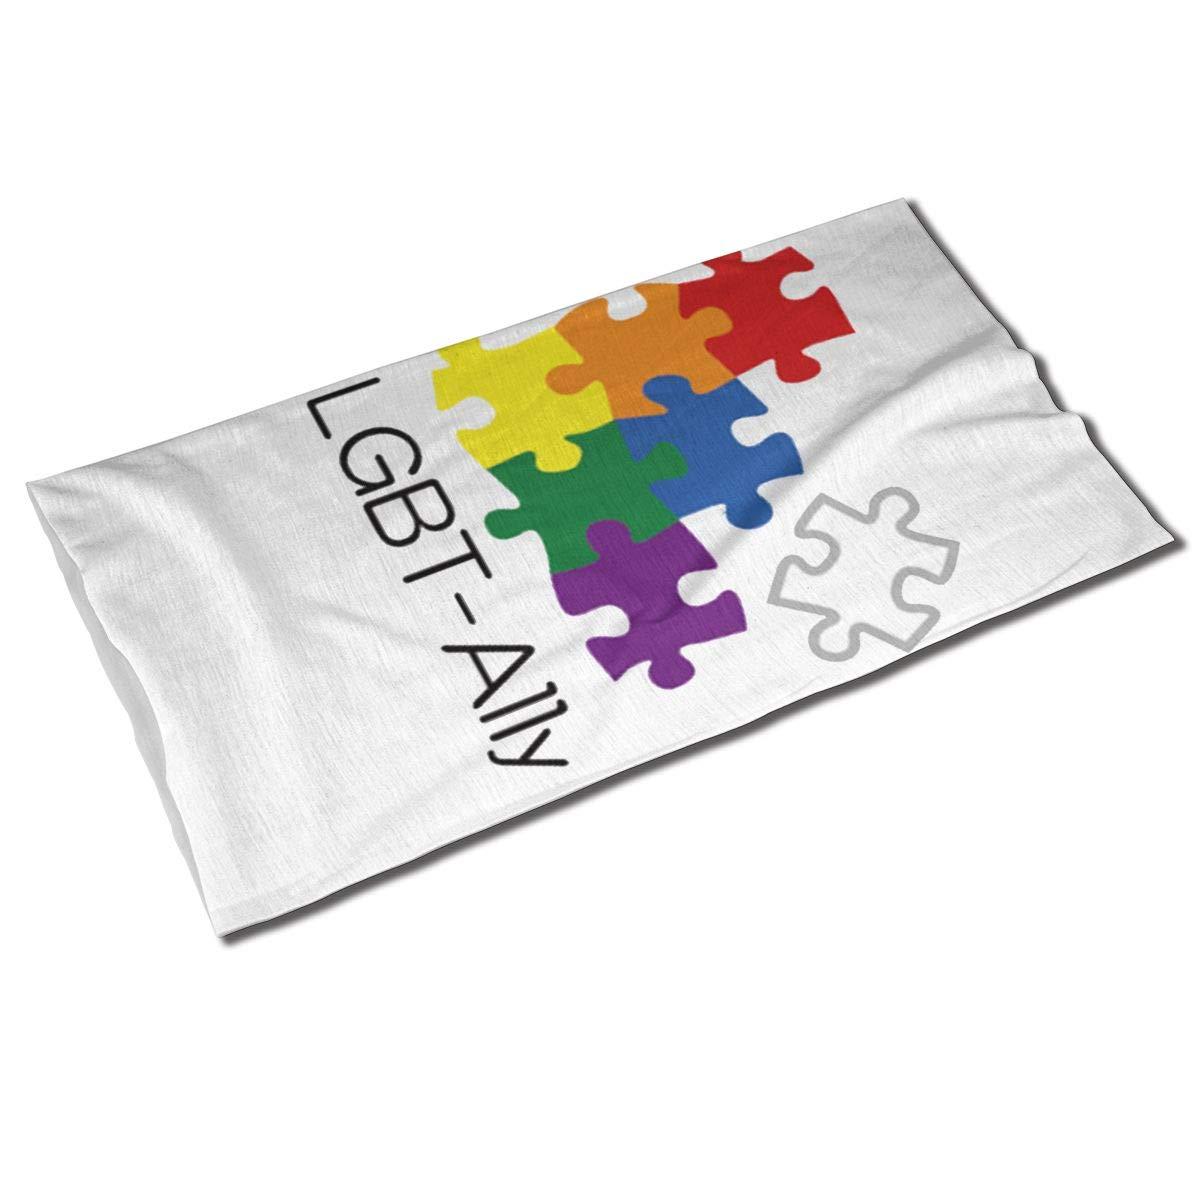 Diadema Unisex LGBT de ali-puzzle Gay Pride, bufanda de deporte al aire libre, Bandana, bufanda, cuello, banda para el pelo